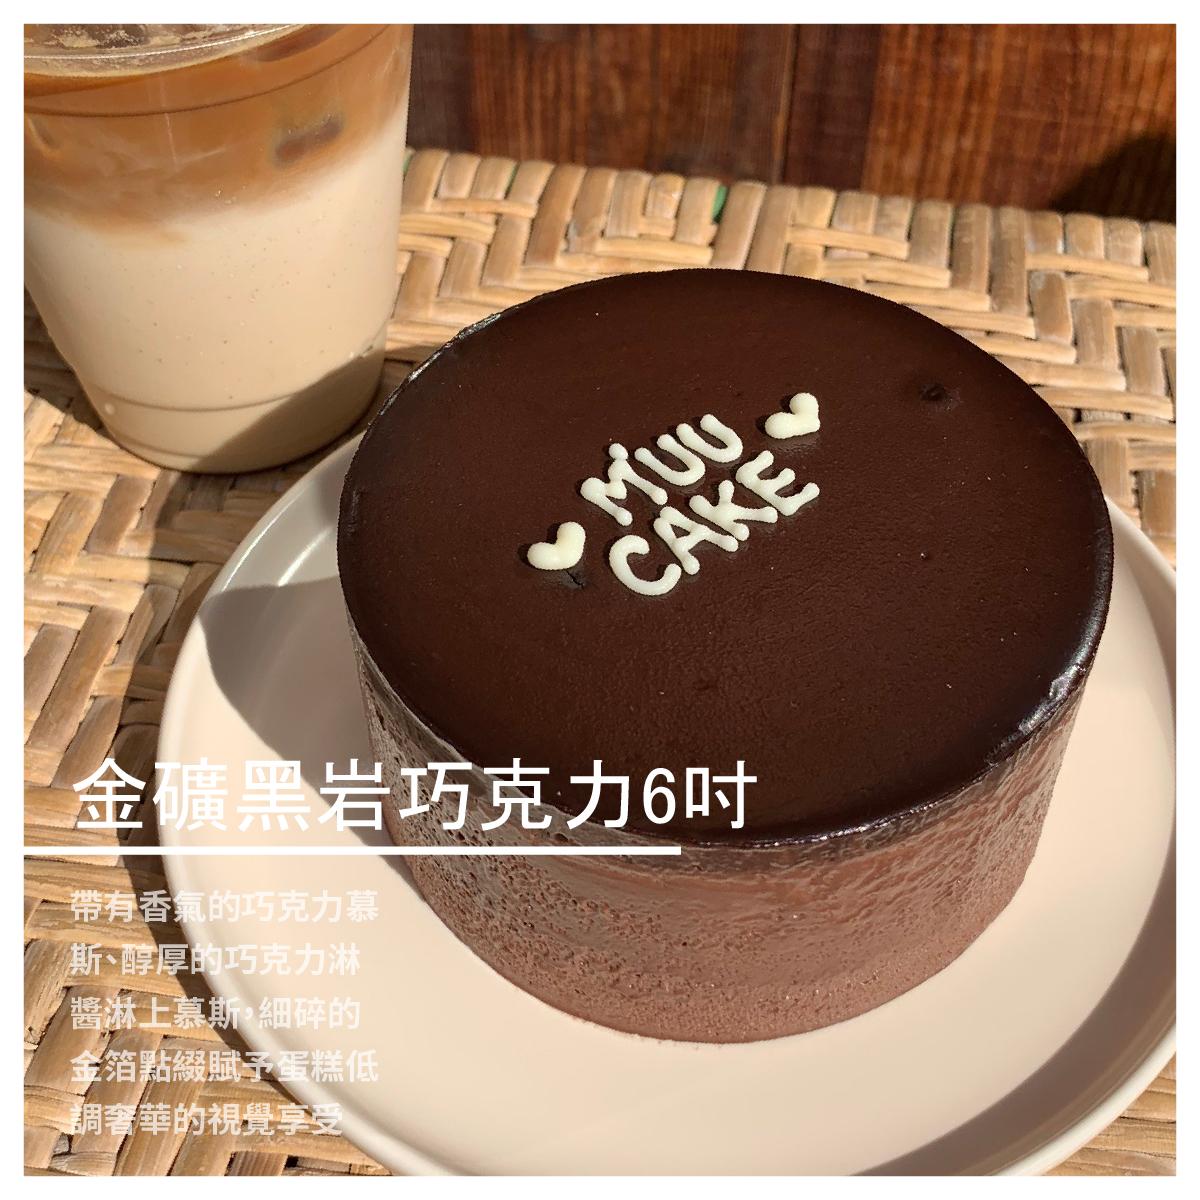 【 M'uu Cake霂克】金礦黑岩巧克力 6吋